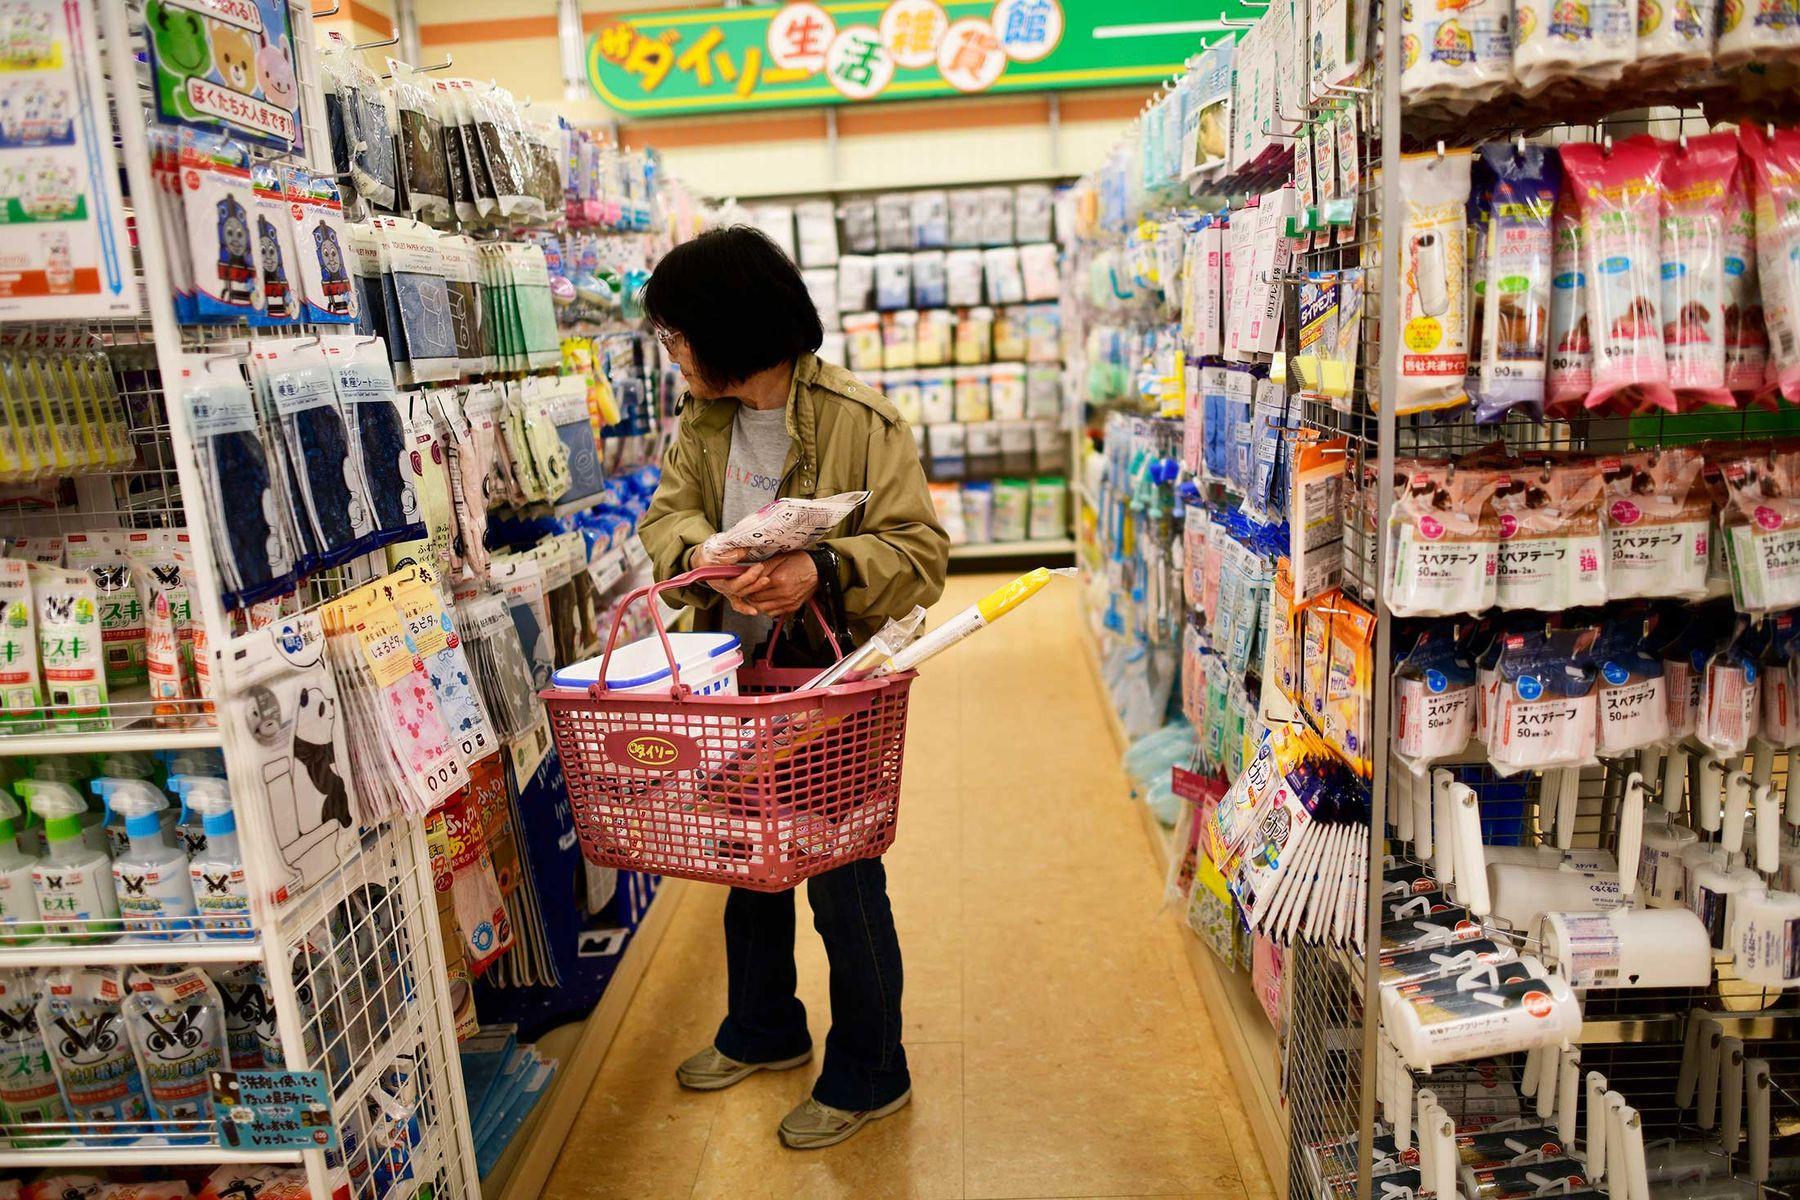 8 mẹo đơn giản giúp phụ nữ Nhật tiết kiệm chi tiêu gia đình - Ảnh 2